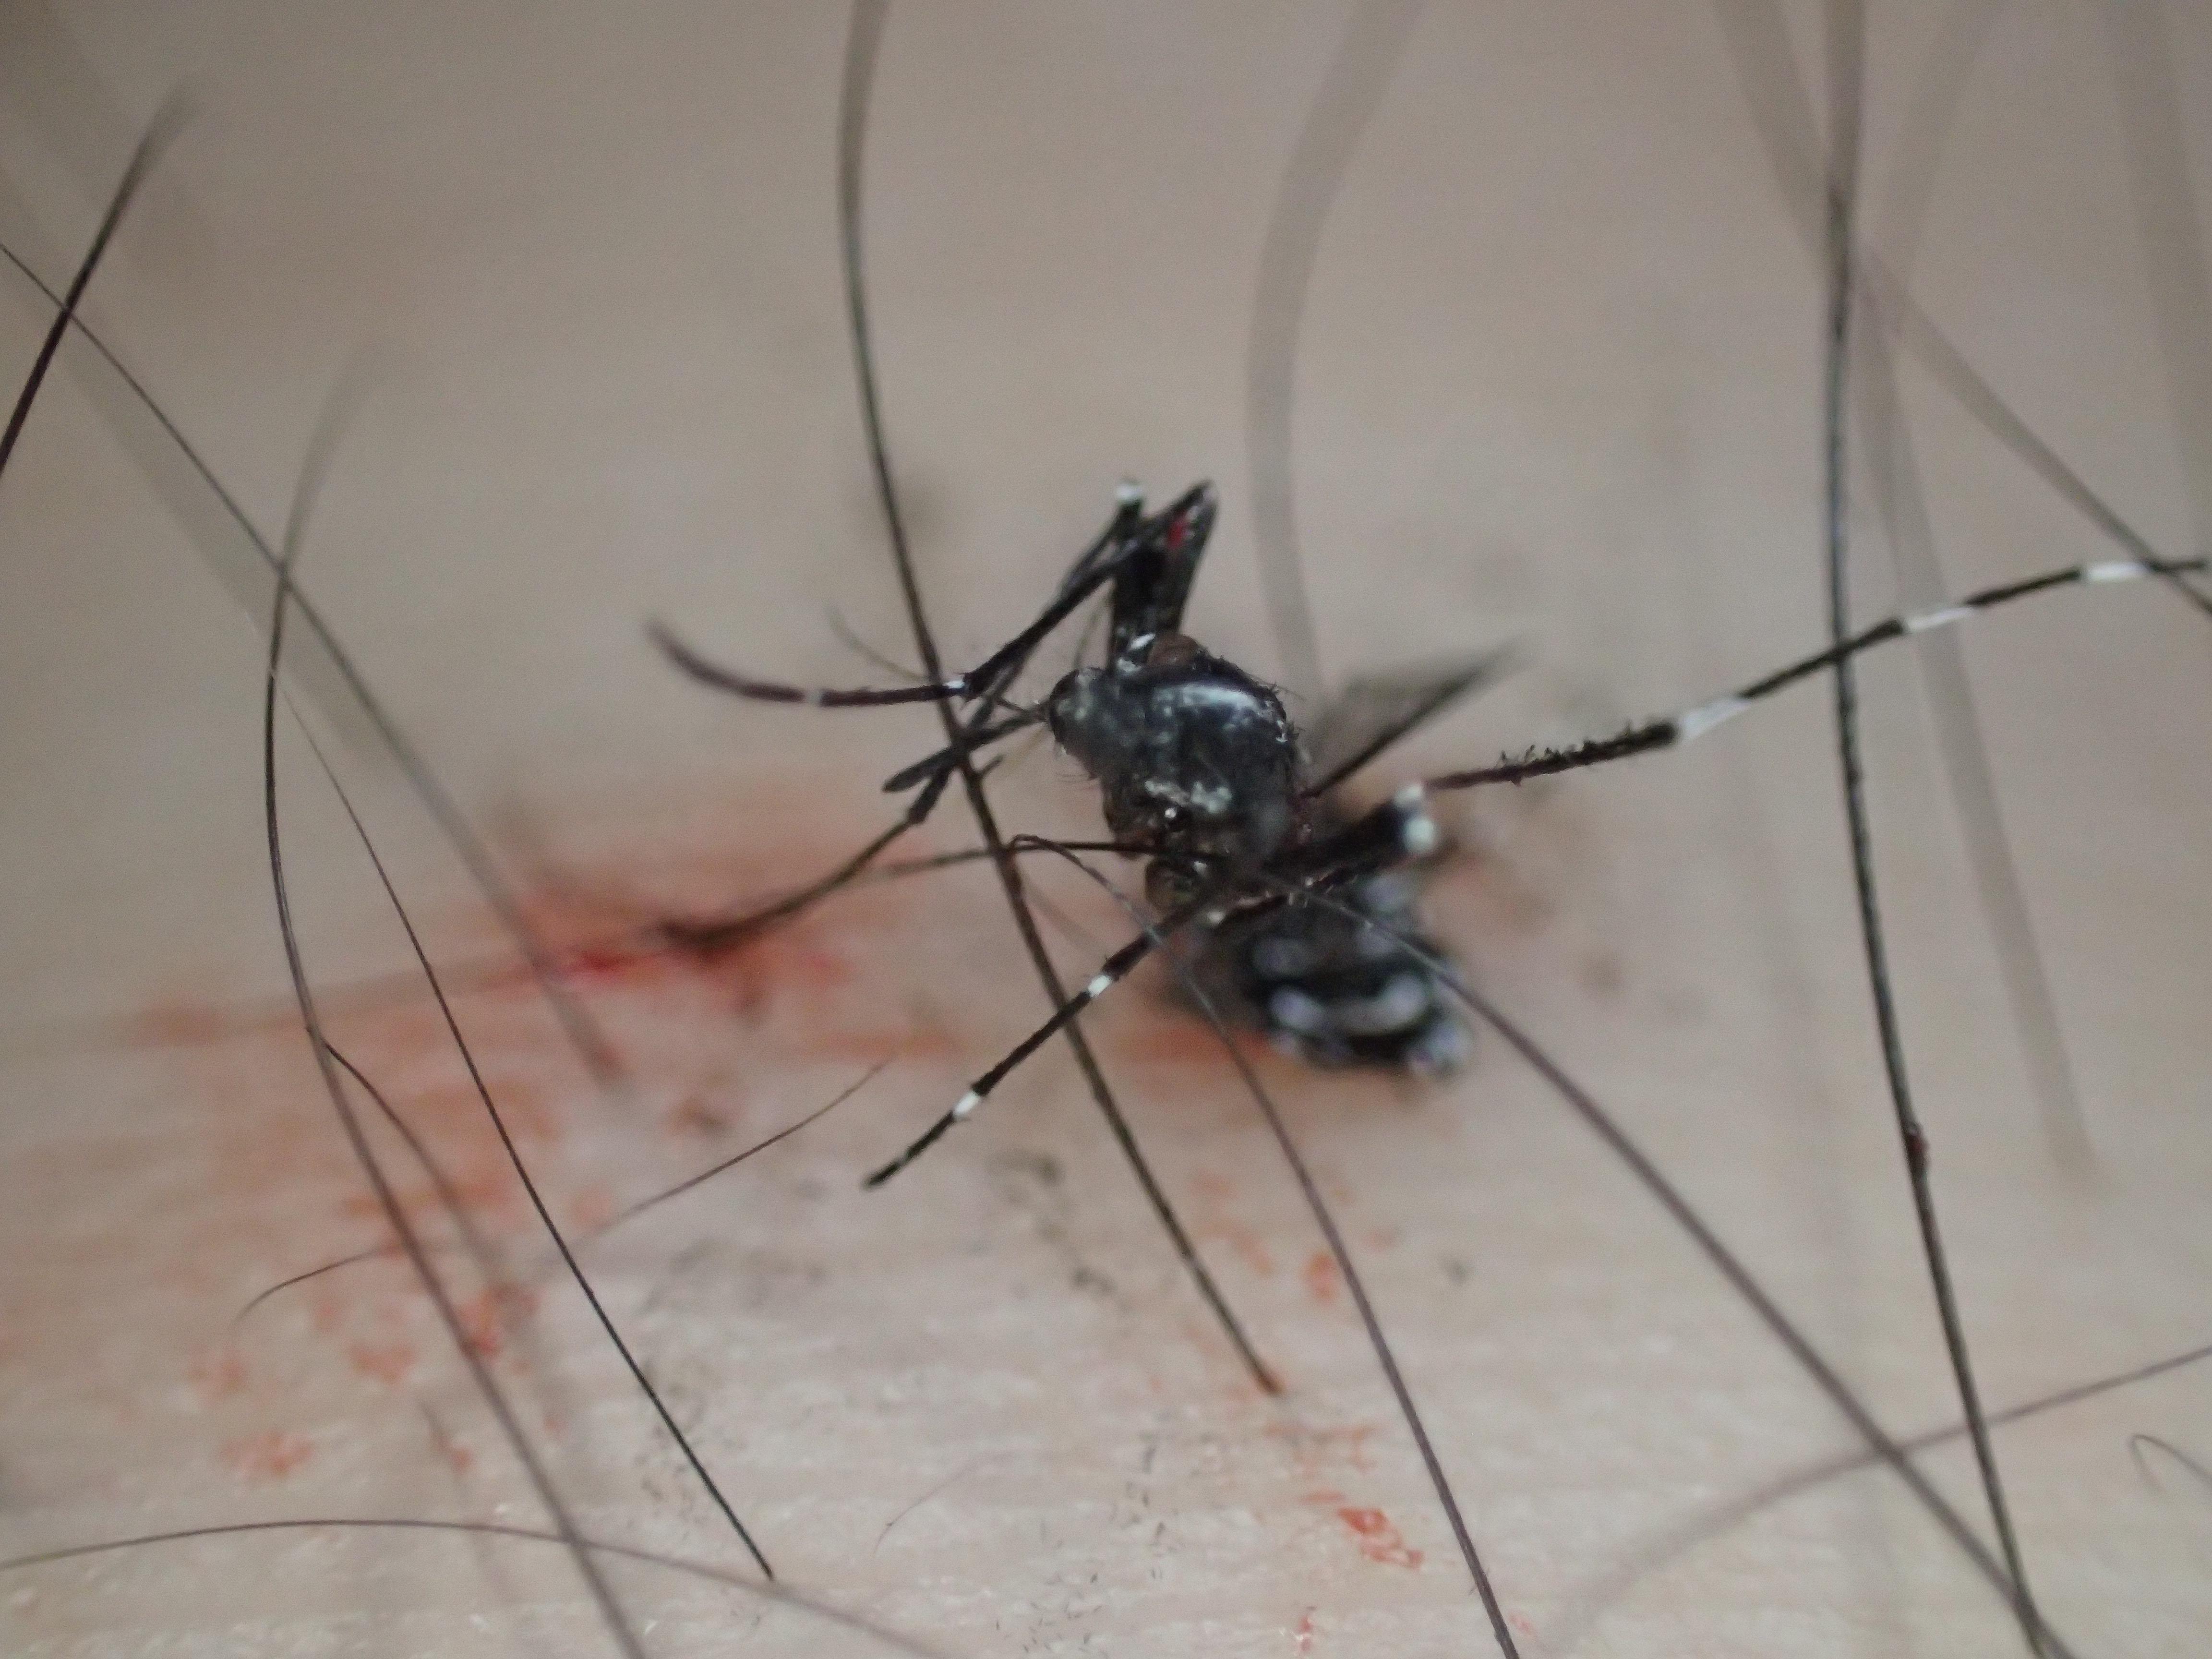 息絶えたヤブ蚊が足の上で死んでいる